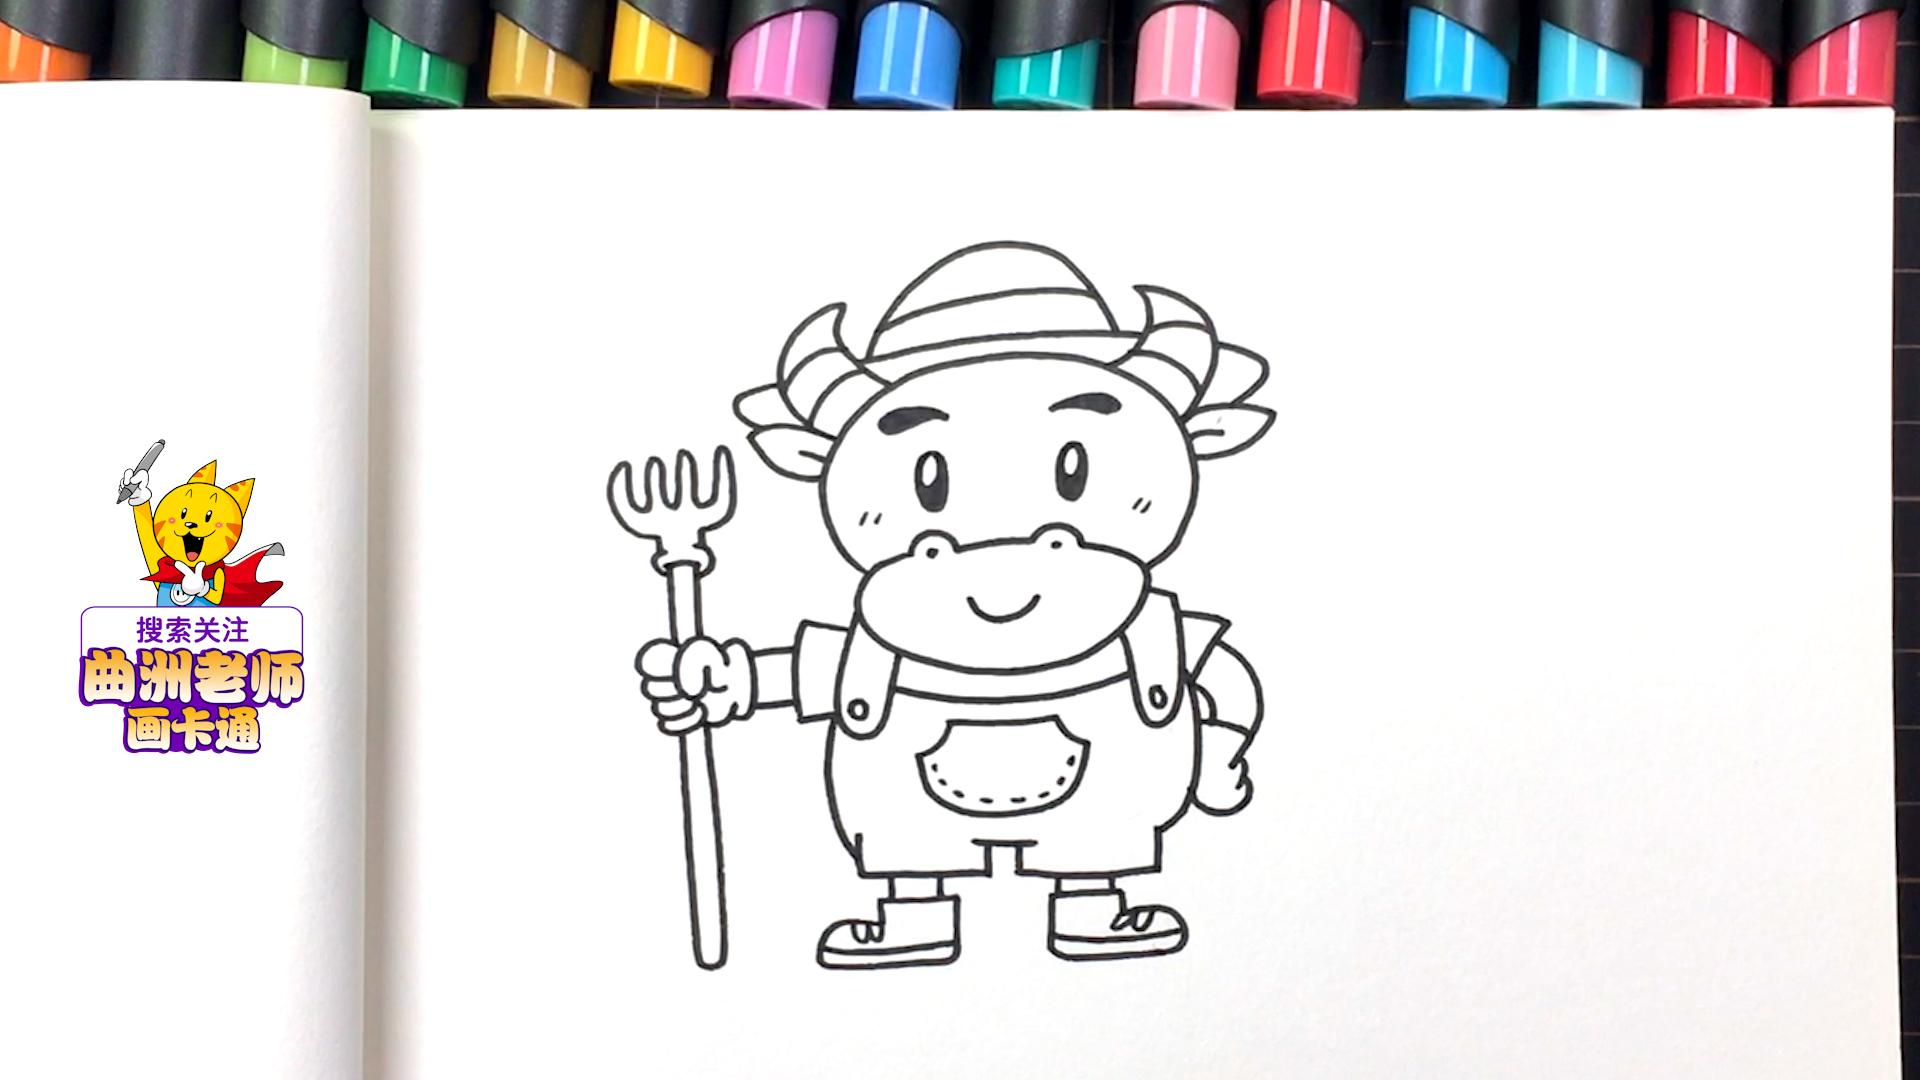 牛年的牛简笔画画法图片步骤